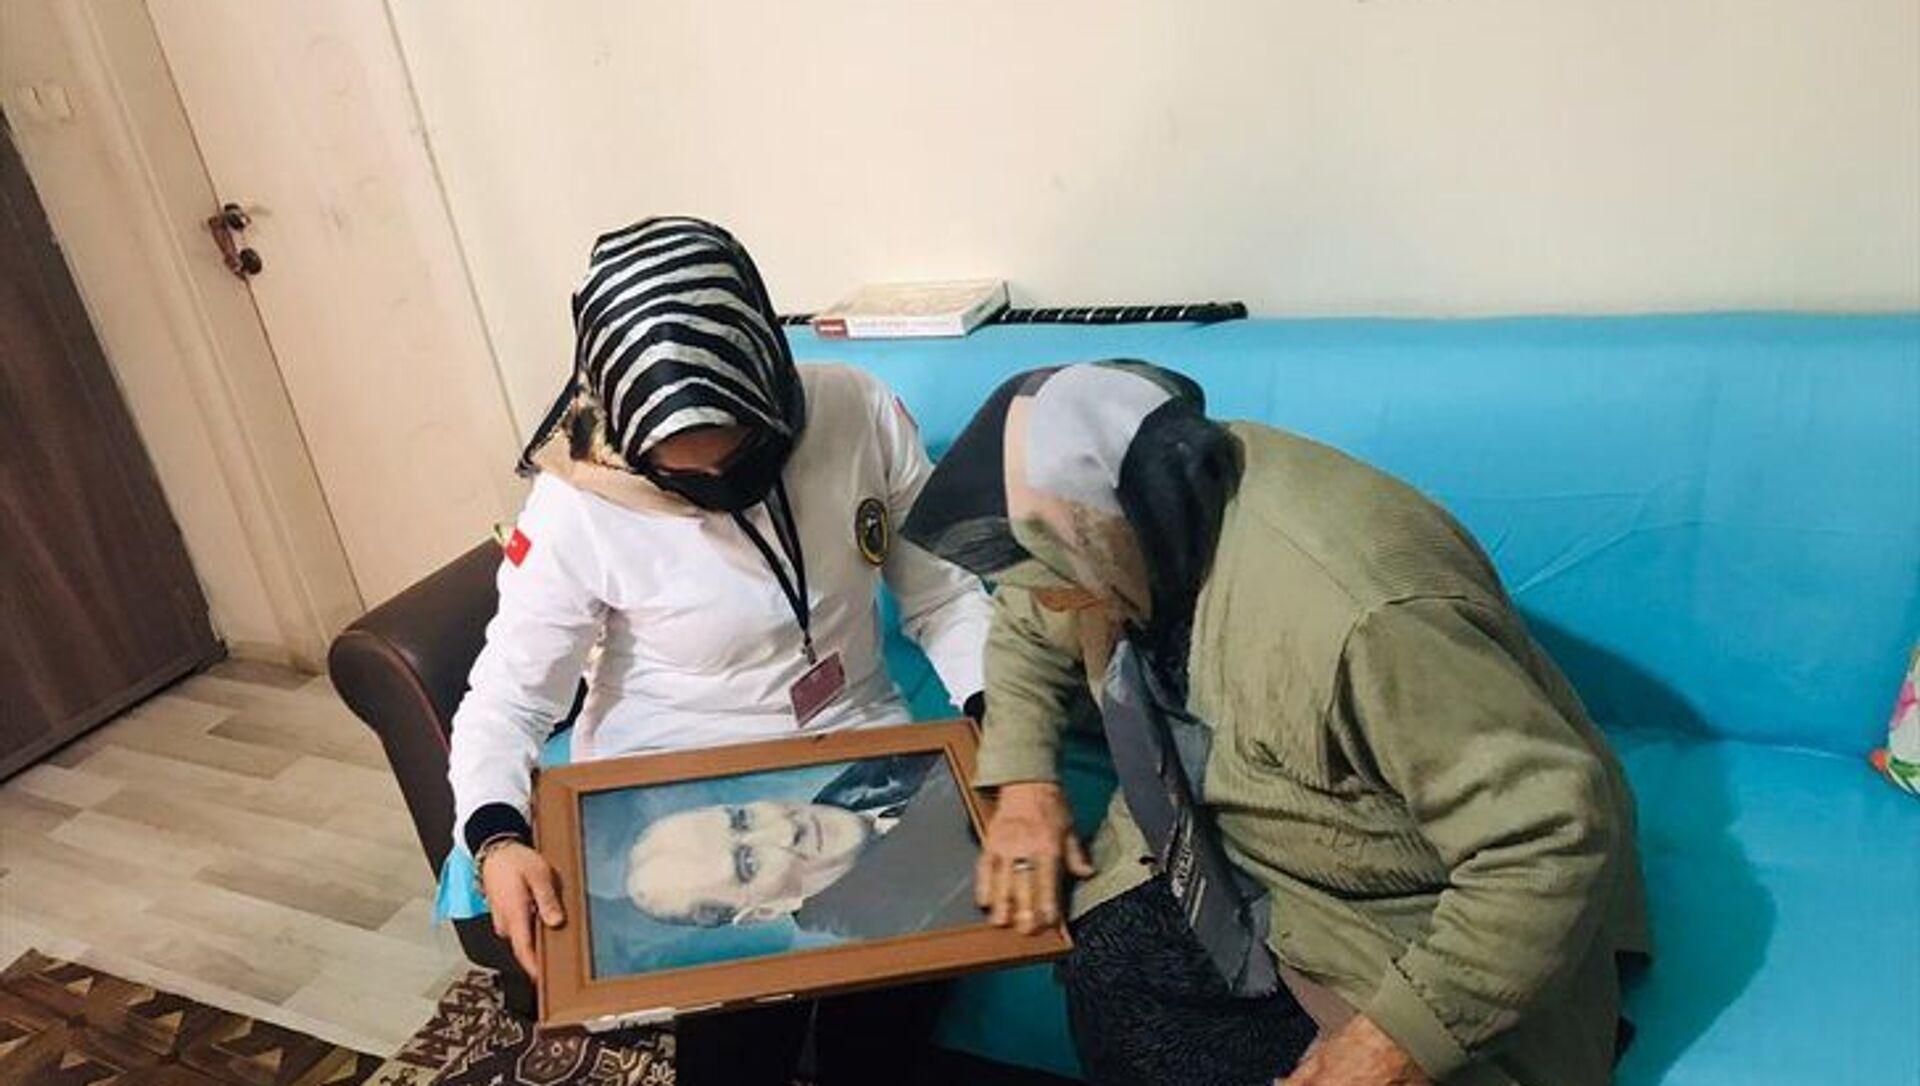 Iğdır'da sağlık çalışanları, Latife ninenin Atatürk portresi isteğini yerine getirdi - Sputnik Türkiye, 1920, 25.03.2021